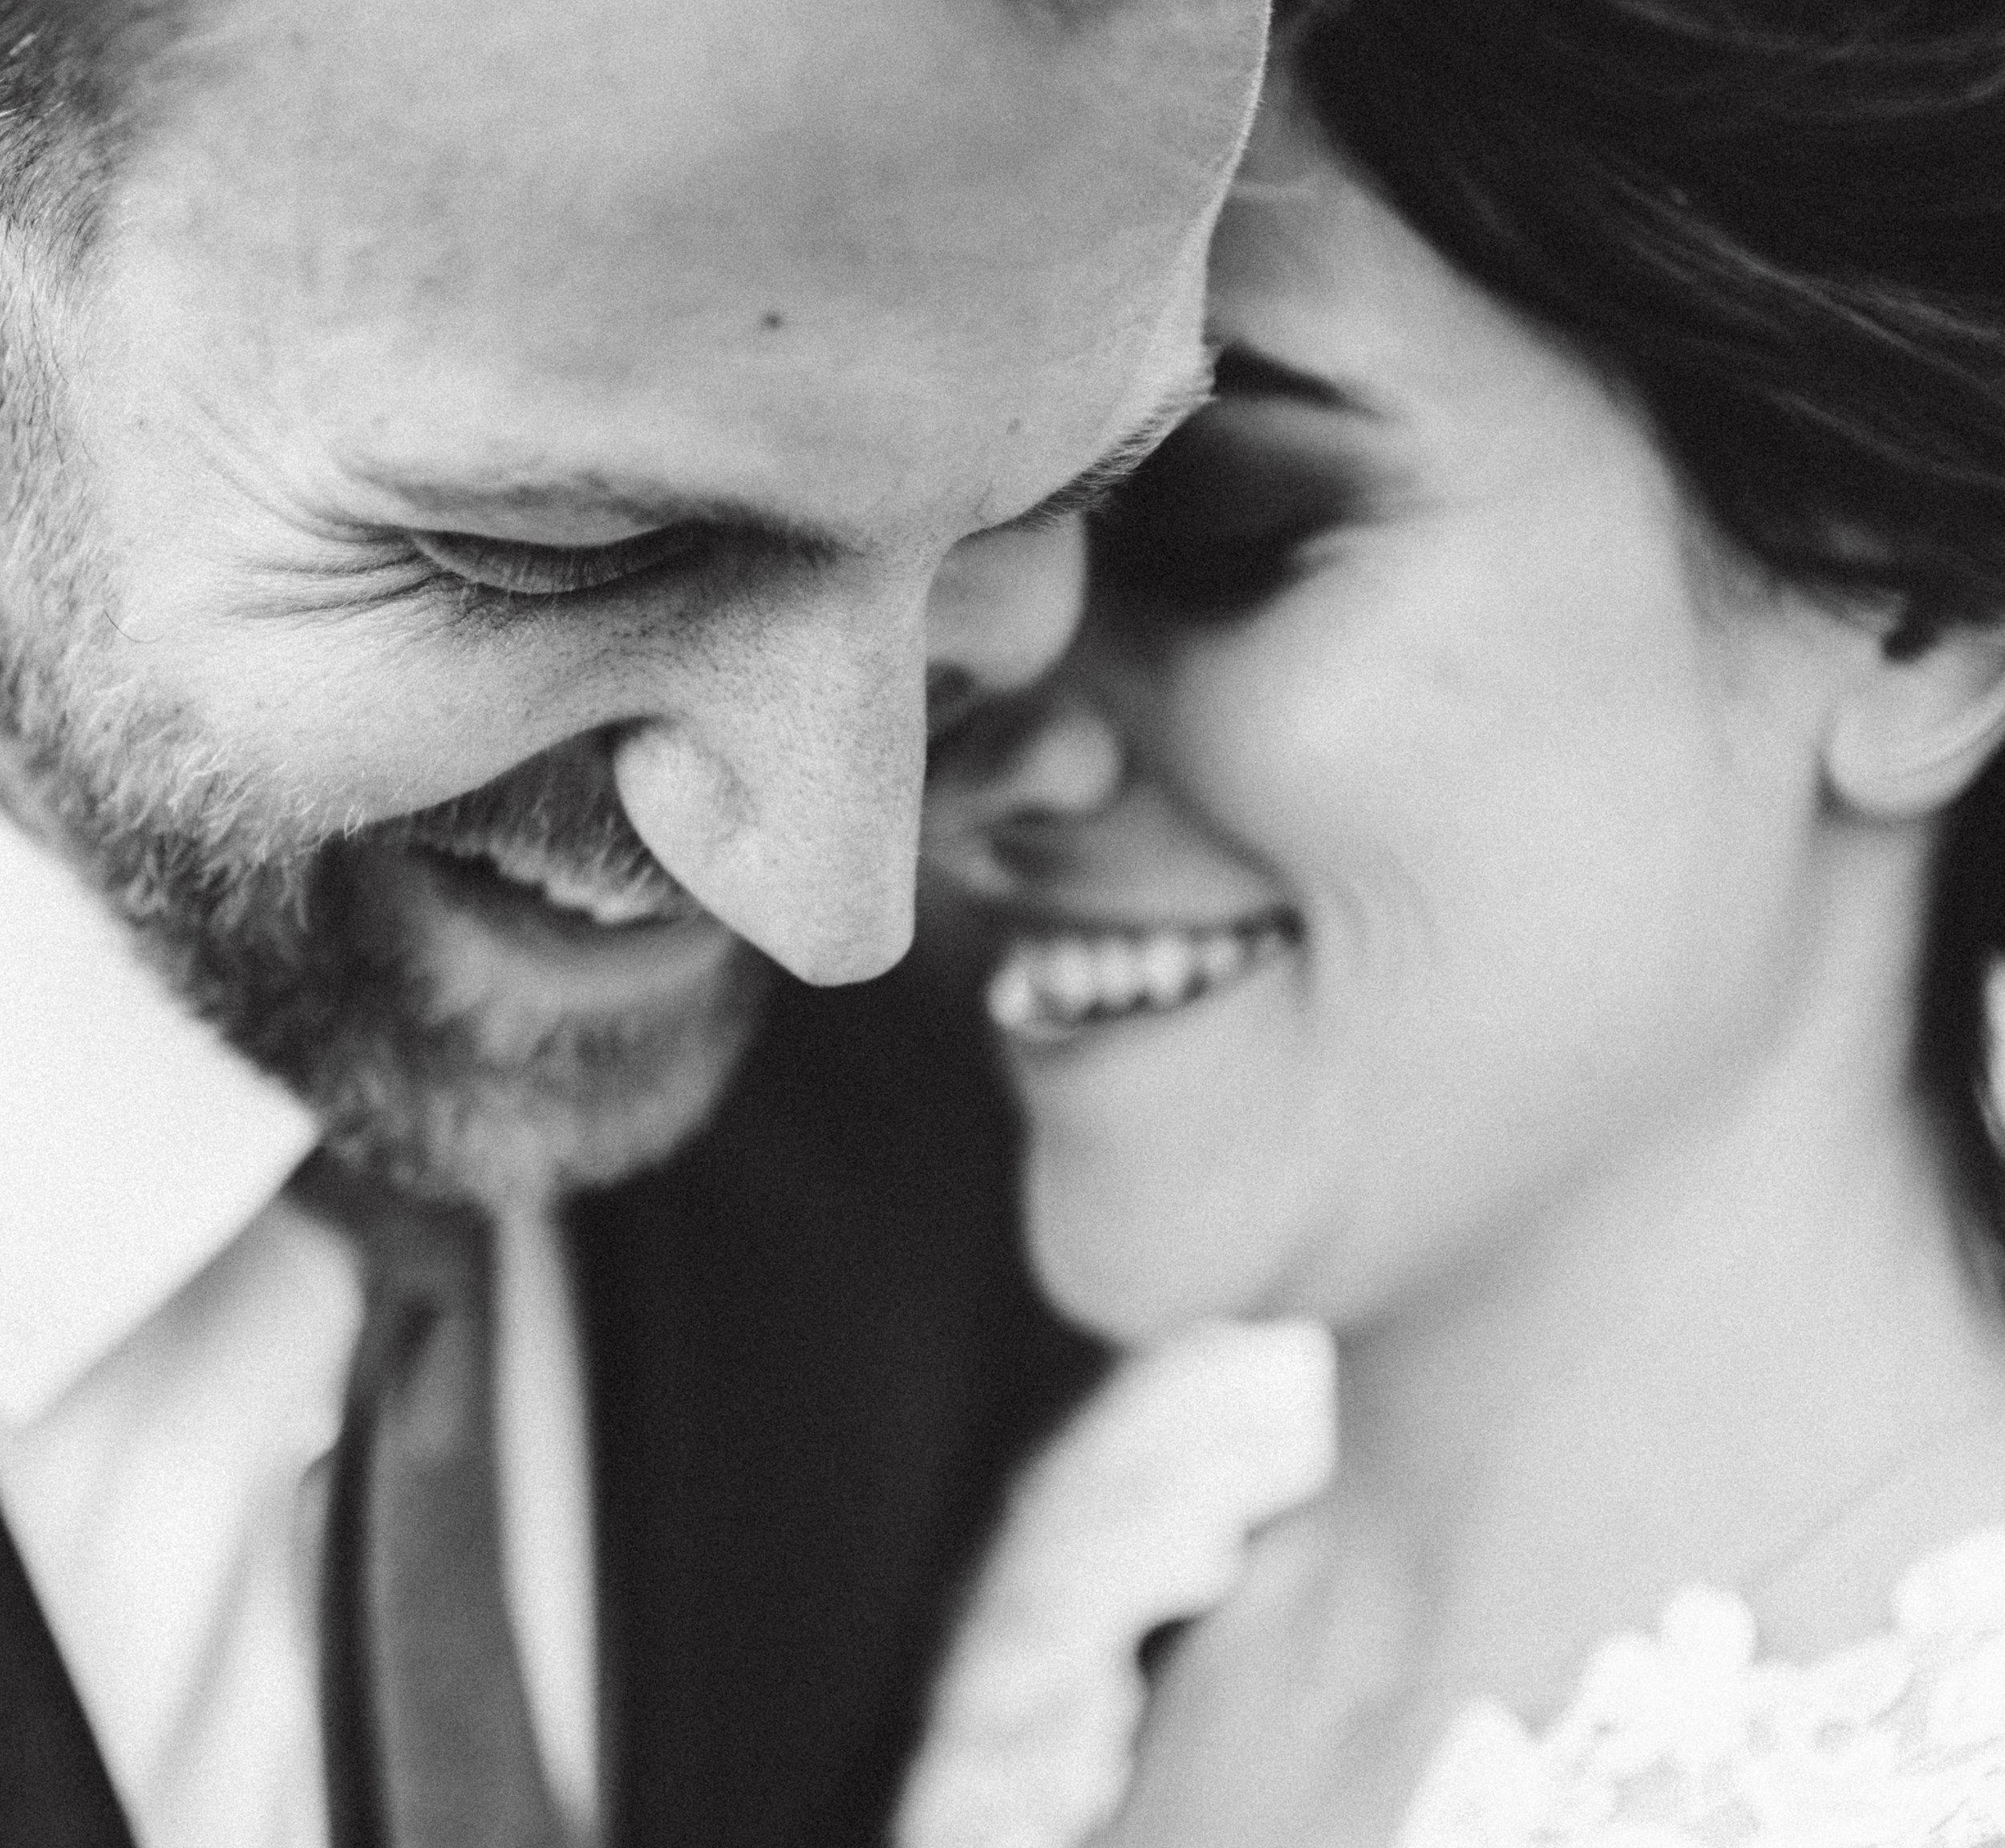 AMANDA & MATT - INTIMATE WEDDING PHOTOGRAPHER by CHI-CHI ARI-1.jpg